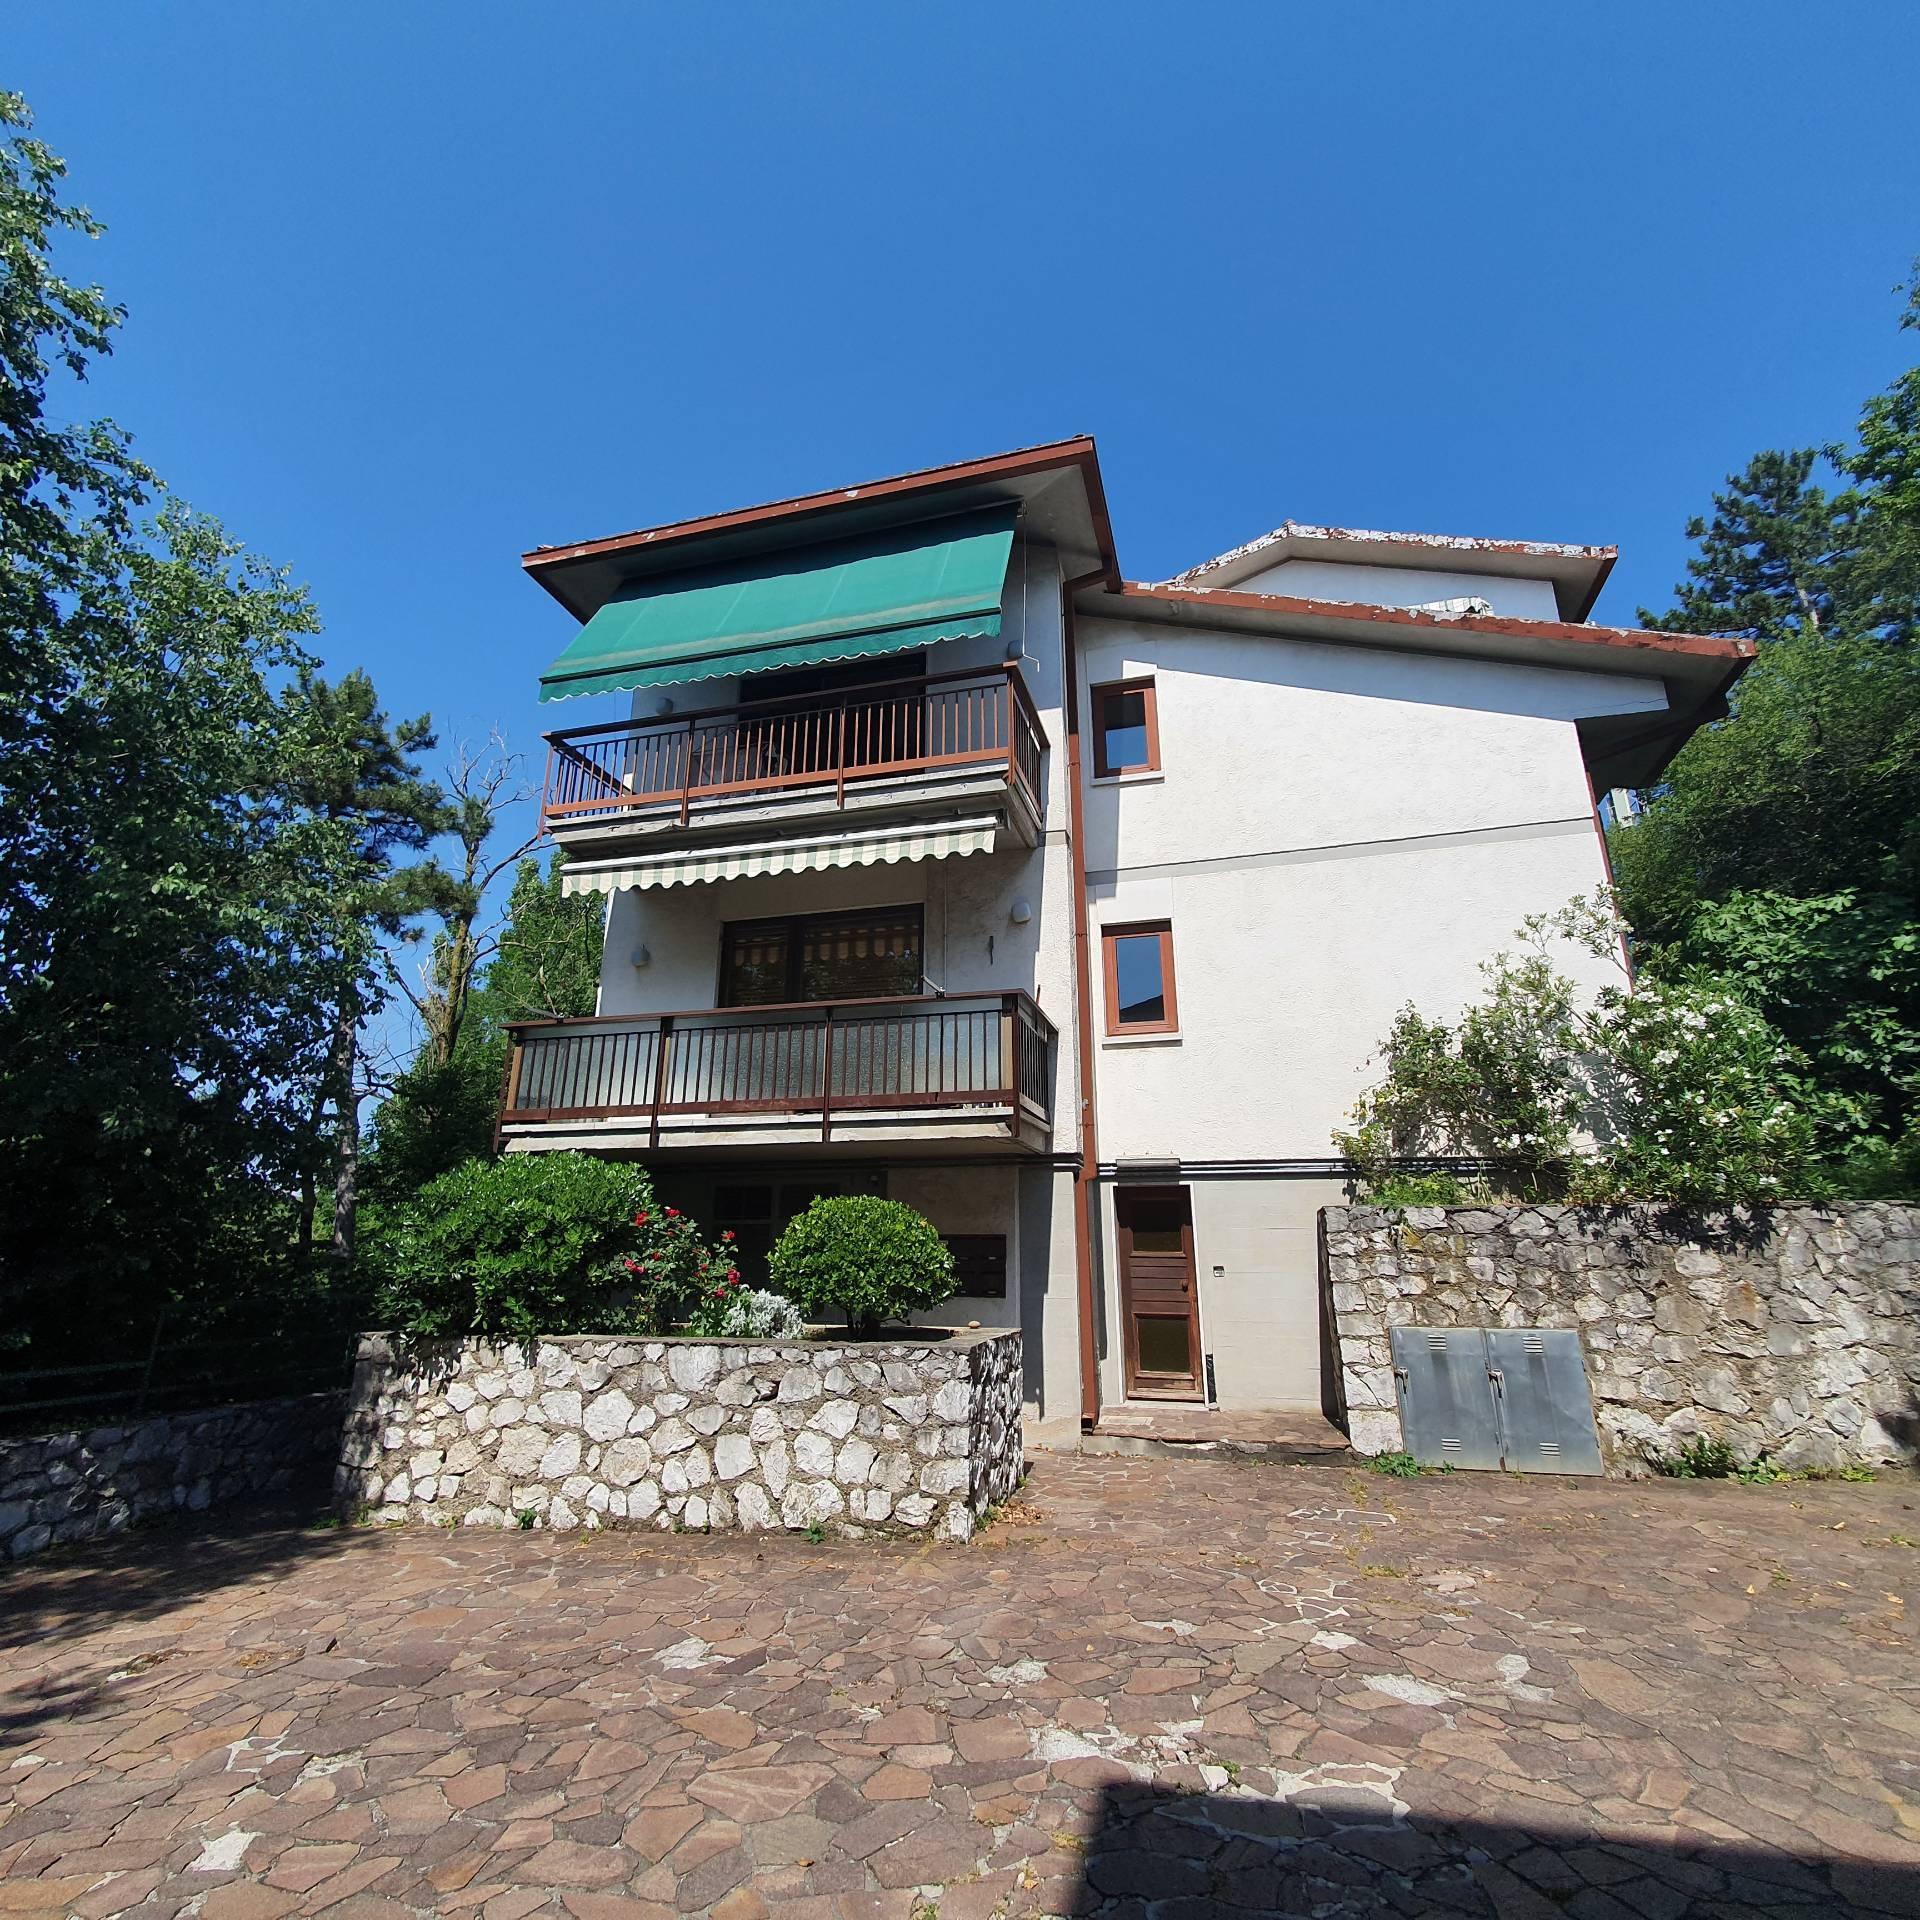 Foto - Appartamento In Vendita Duino Aurisina (ts)